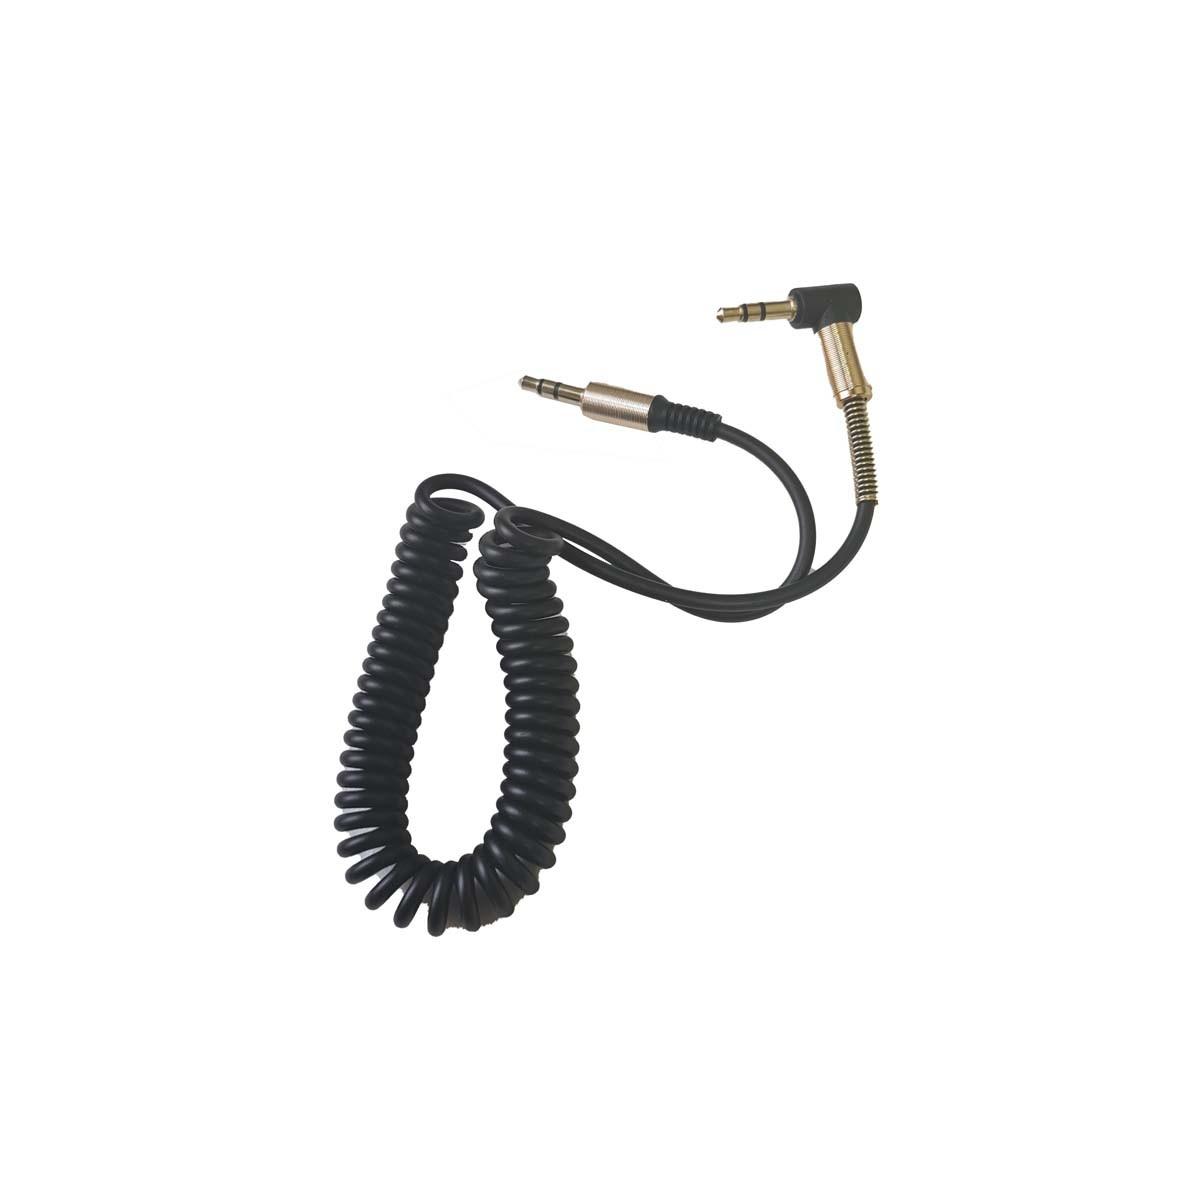 Cabo P2 X P2 90 Graus 1m Espiral Áudio Estéreo Conector Plugue